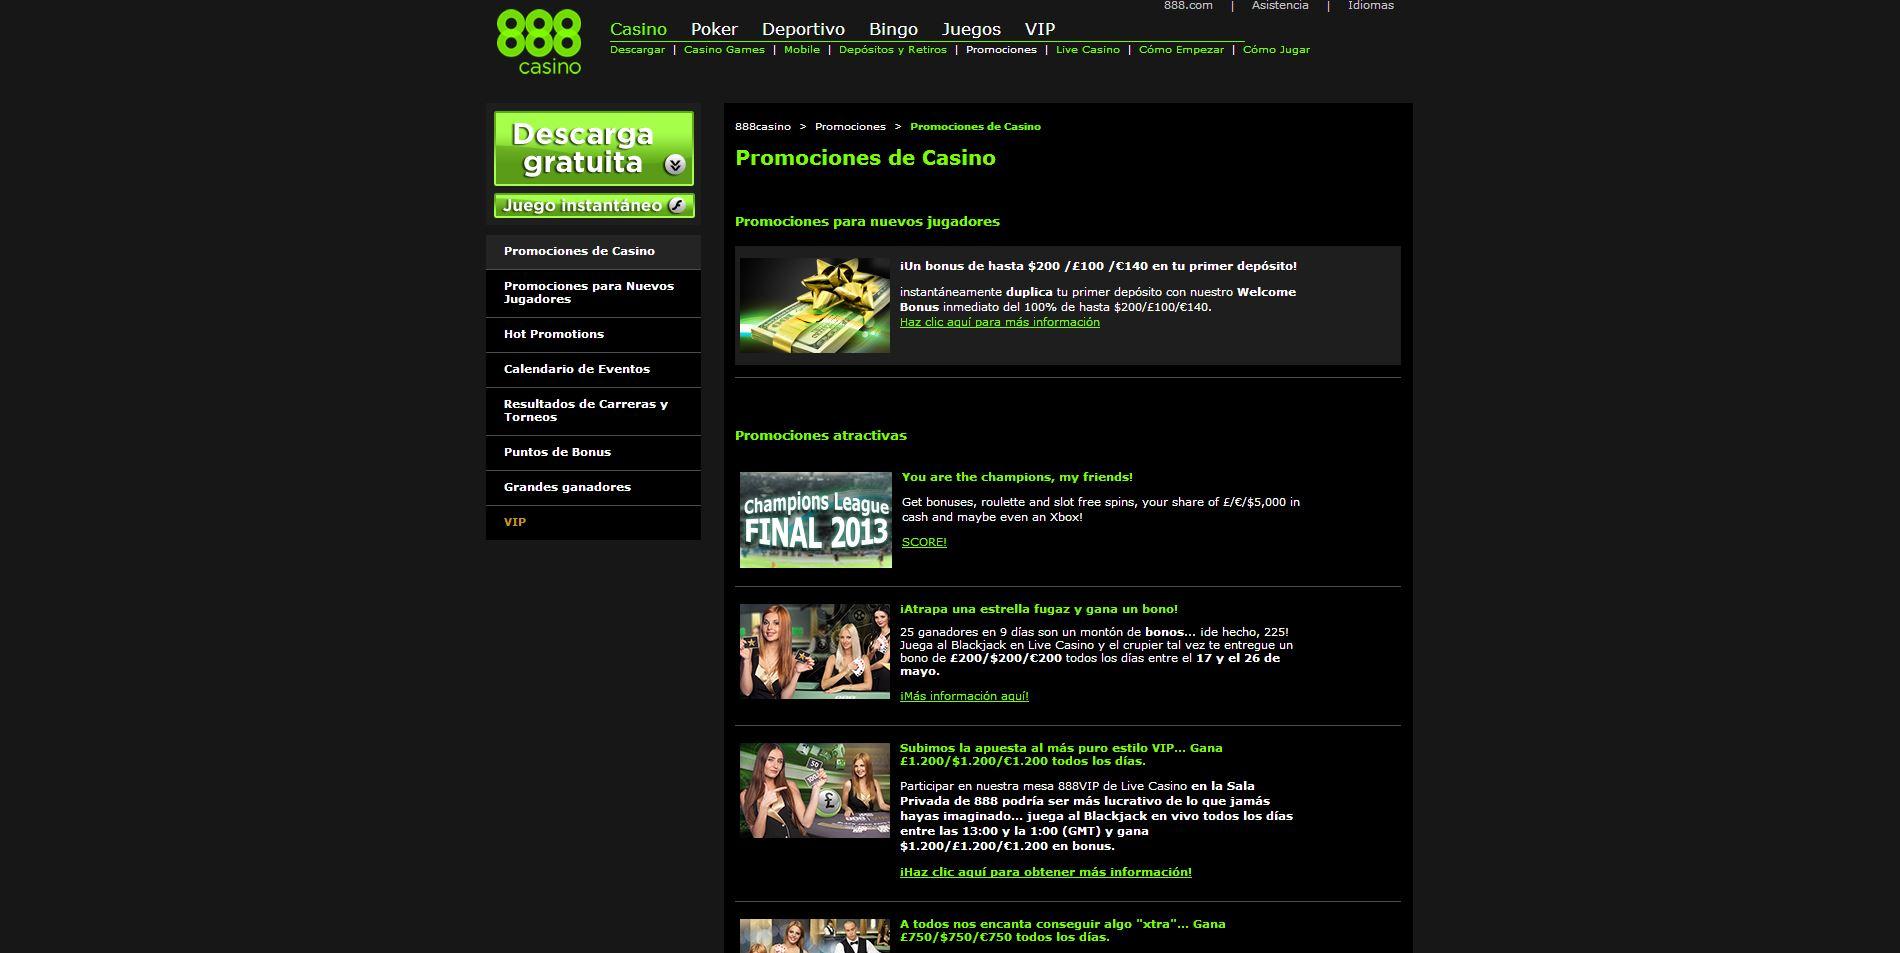 Casino tiradas gratis sin deposito casino888 Tijuana online-122843